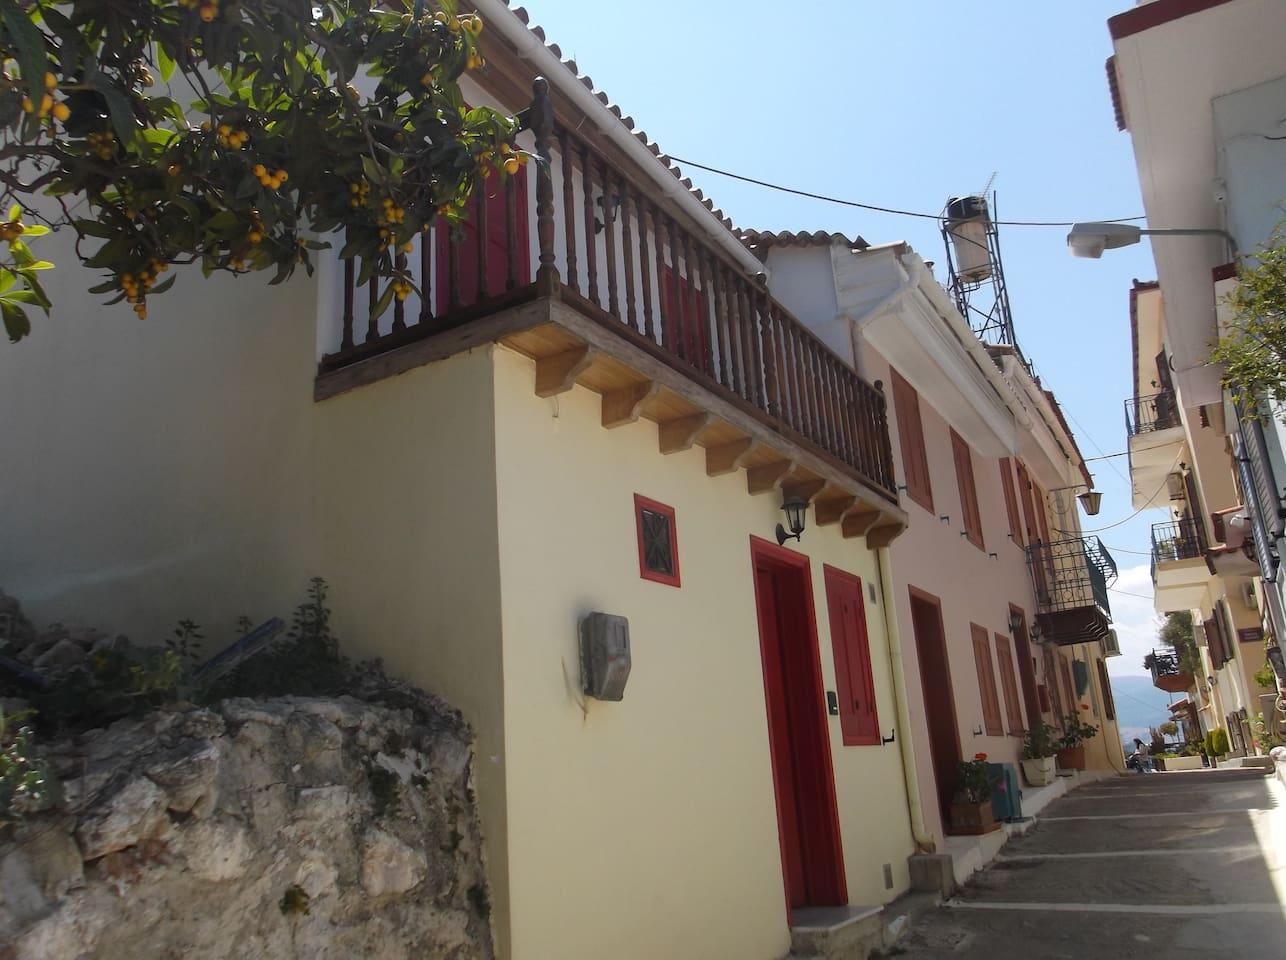 Παλαιό Ναύπλιο Ψαρομαχαλάς ενοικίαση παραδοσιακού σπιτιού